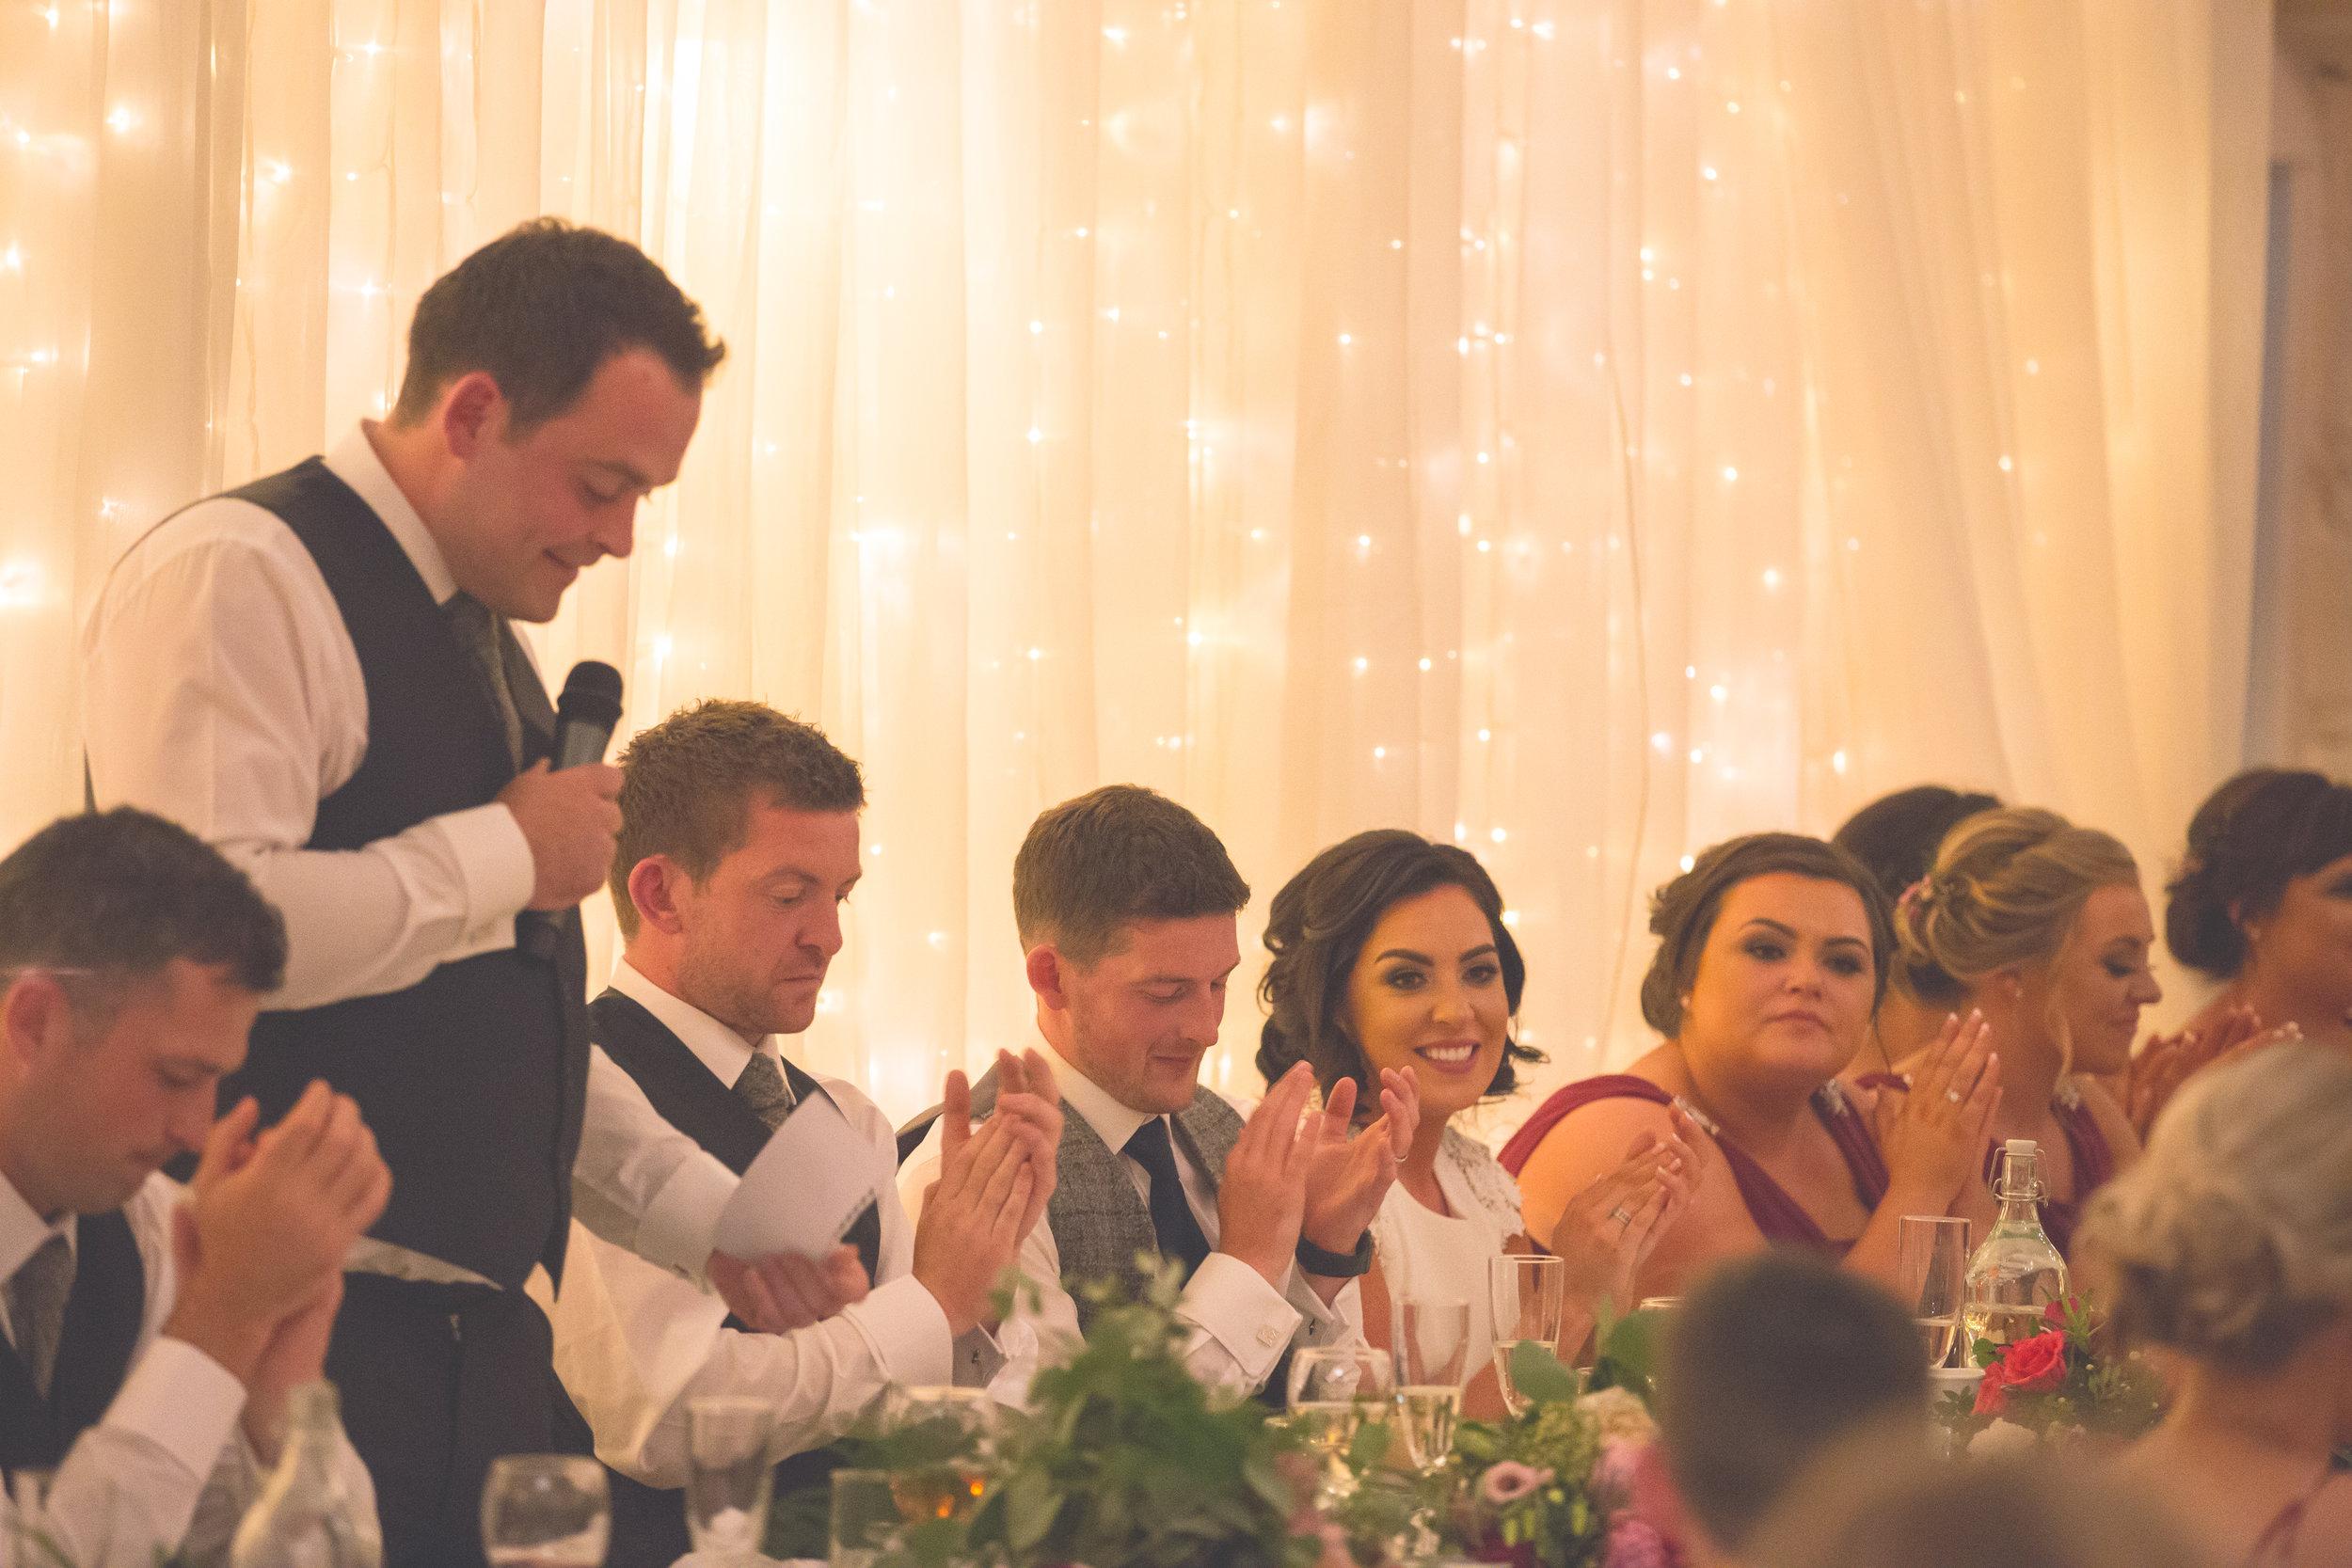 Brian McEwan Wedding Photography | Carol-Anne & Sean | The Speeches-99.jpg